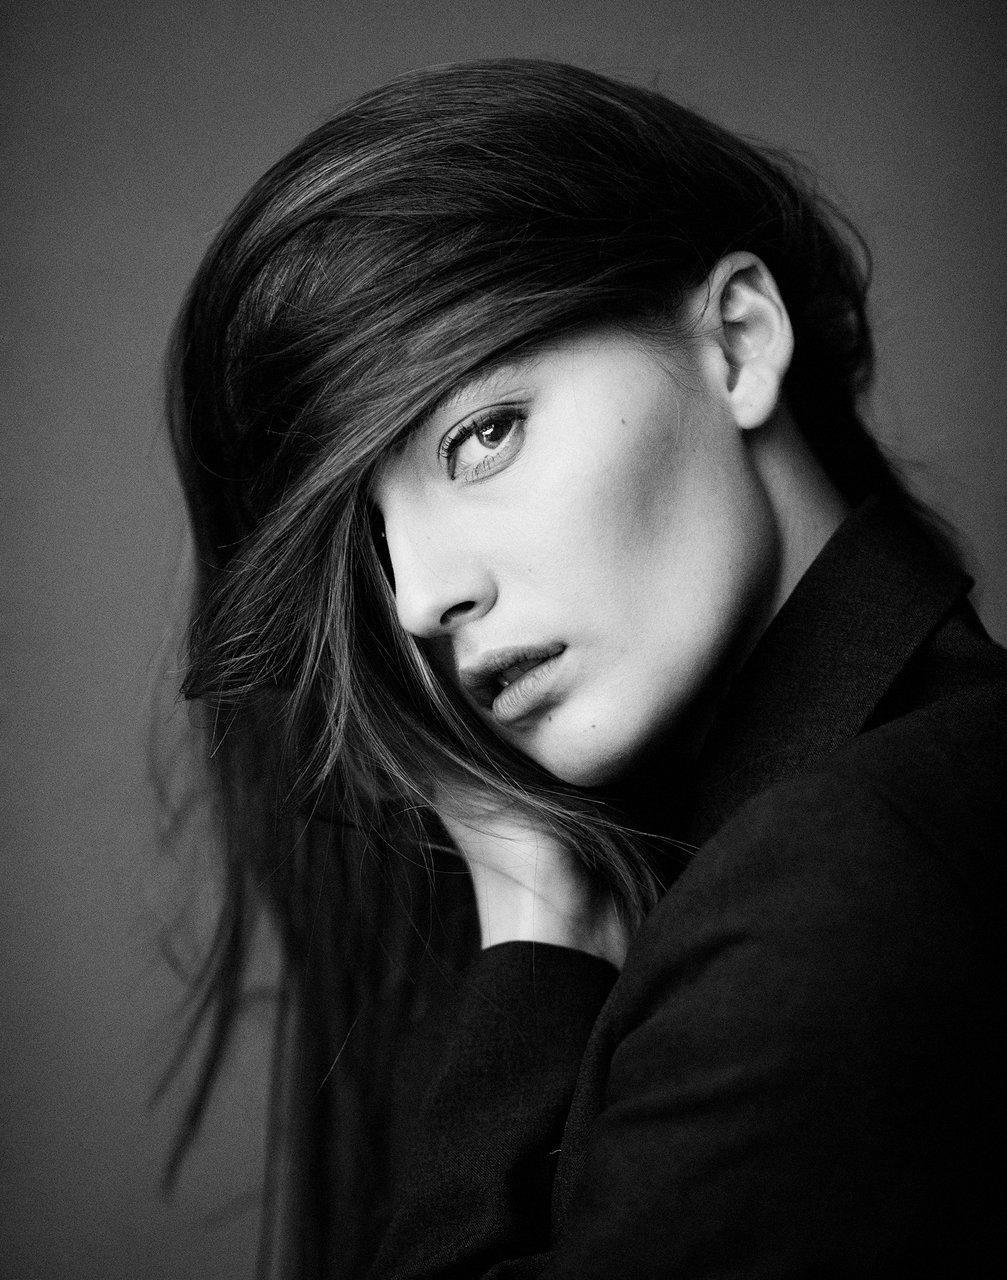 Мария | Author gordian | PHOTO FORUM